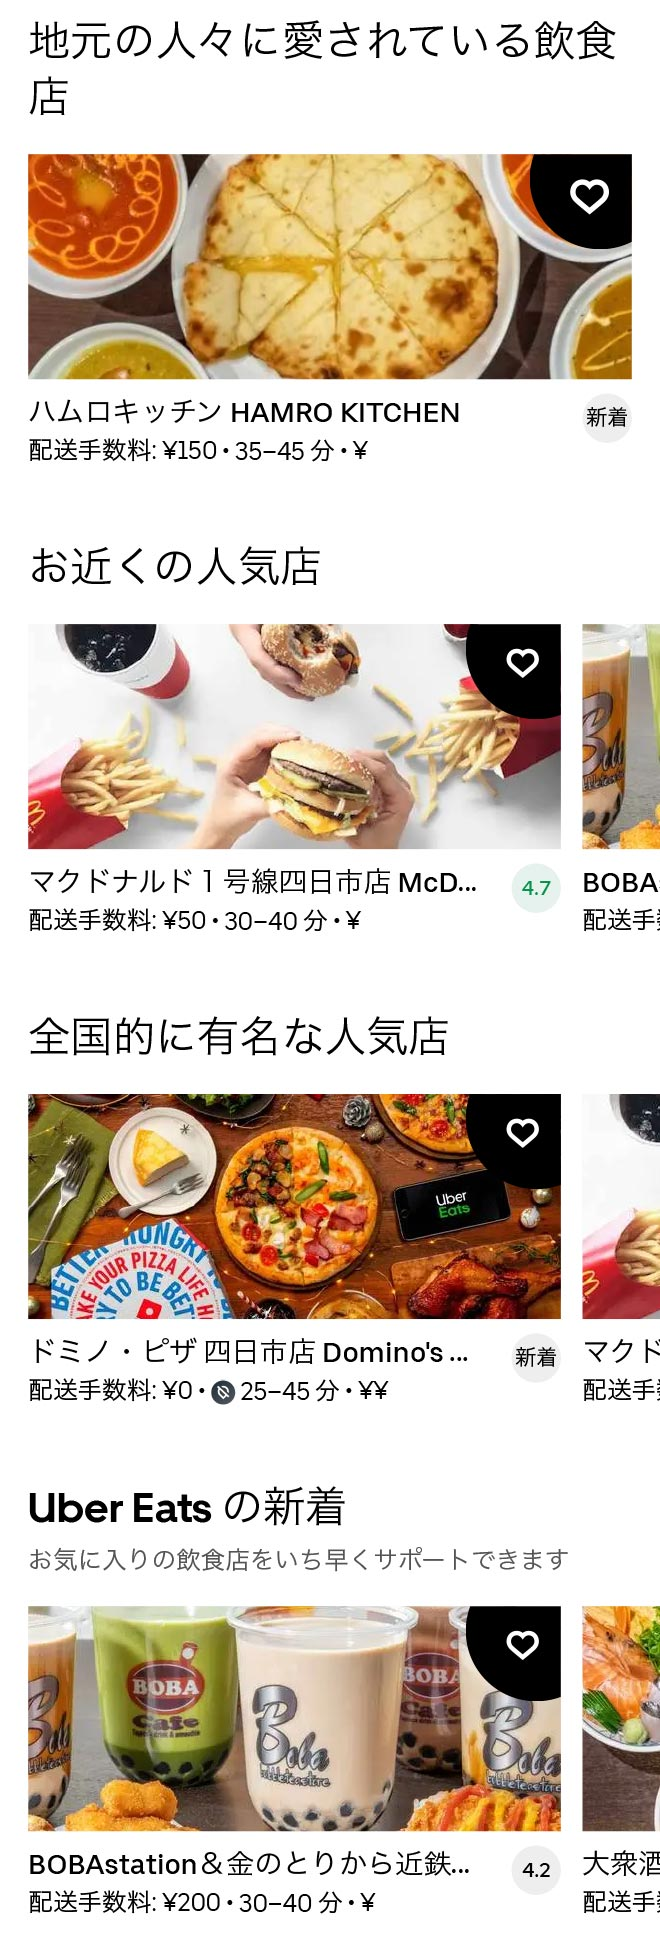 Minami hinaga menu 2012 01